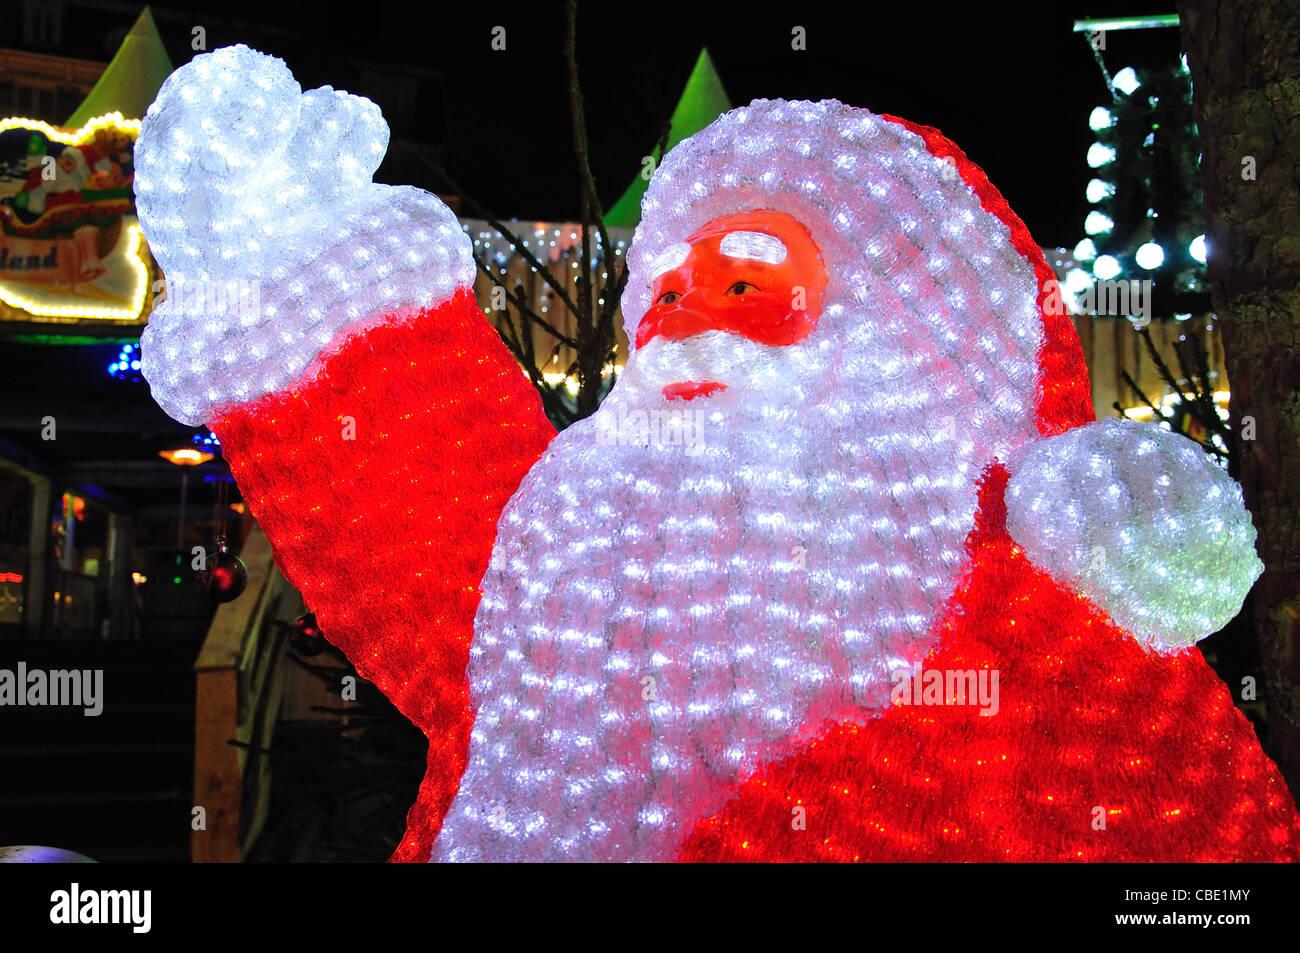 Crystal Led Vater Zu Weihnachten Weihnachtsmarkt Rembrandtplein